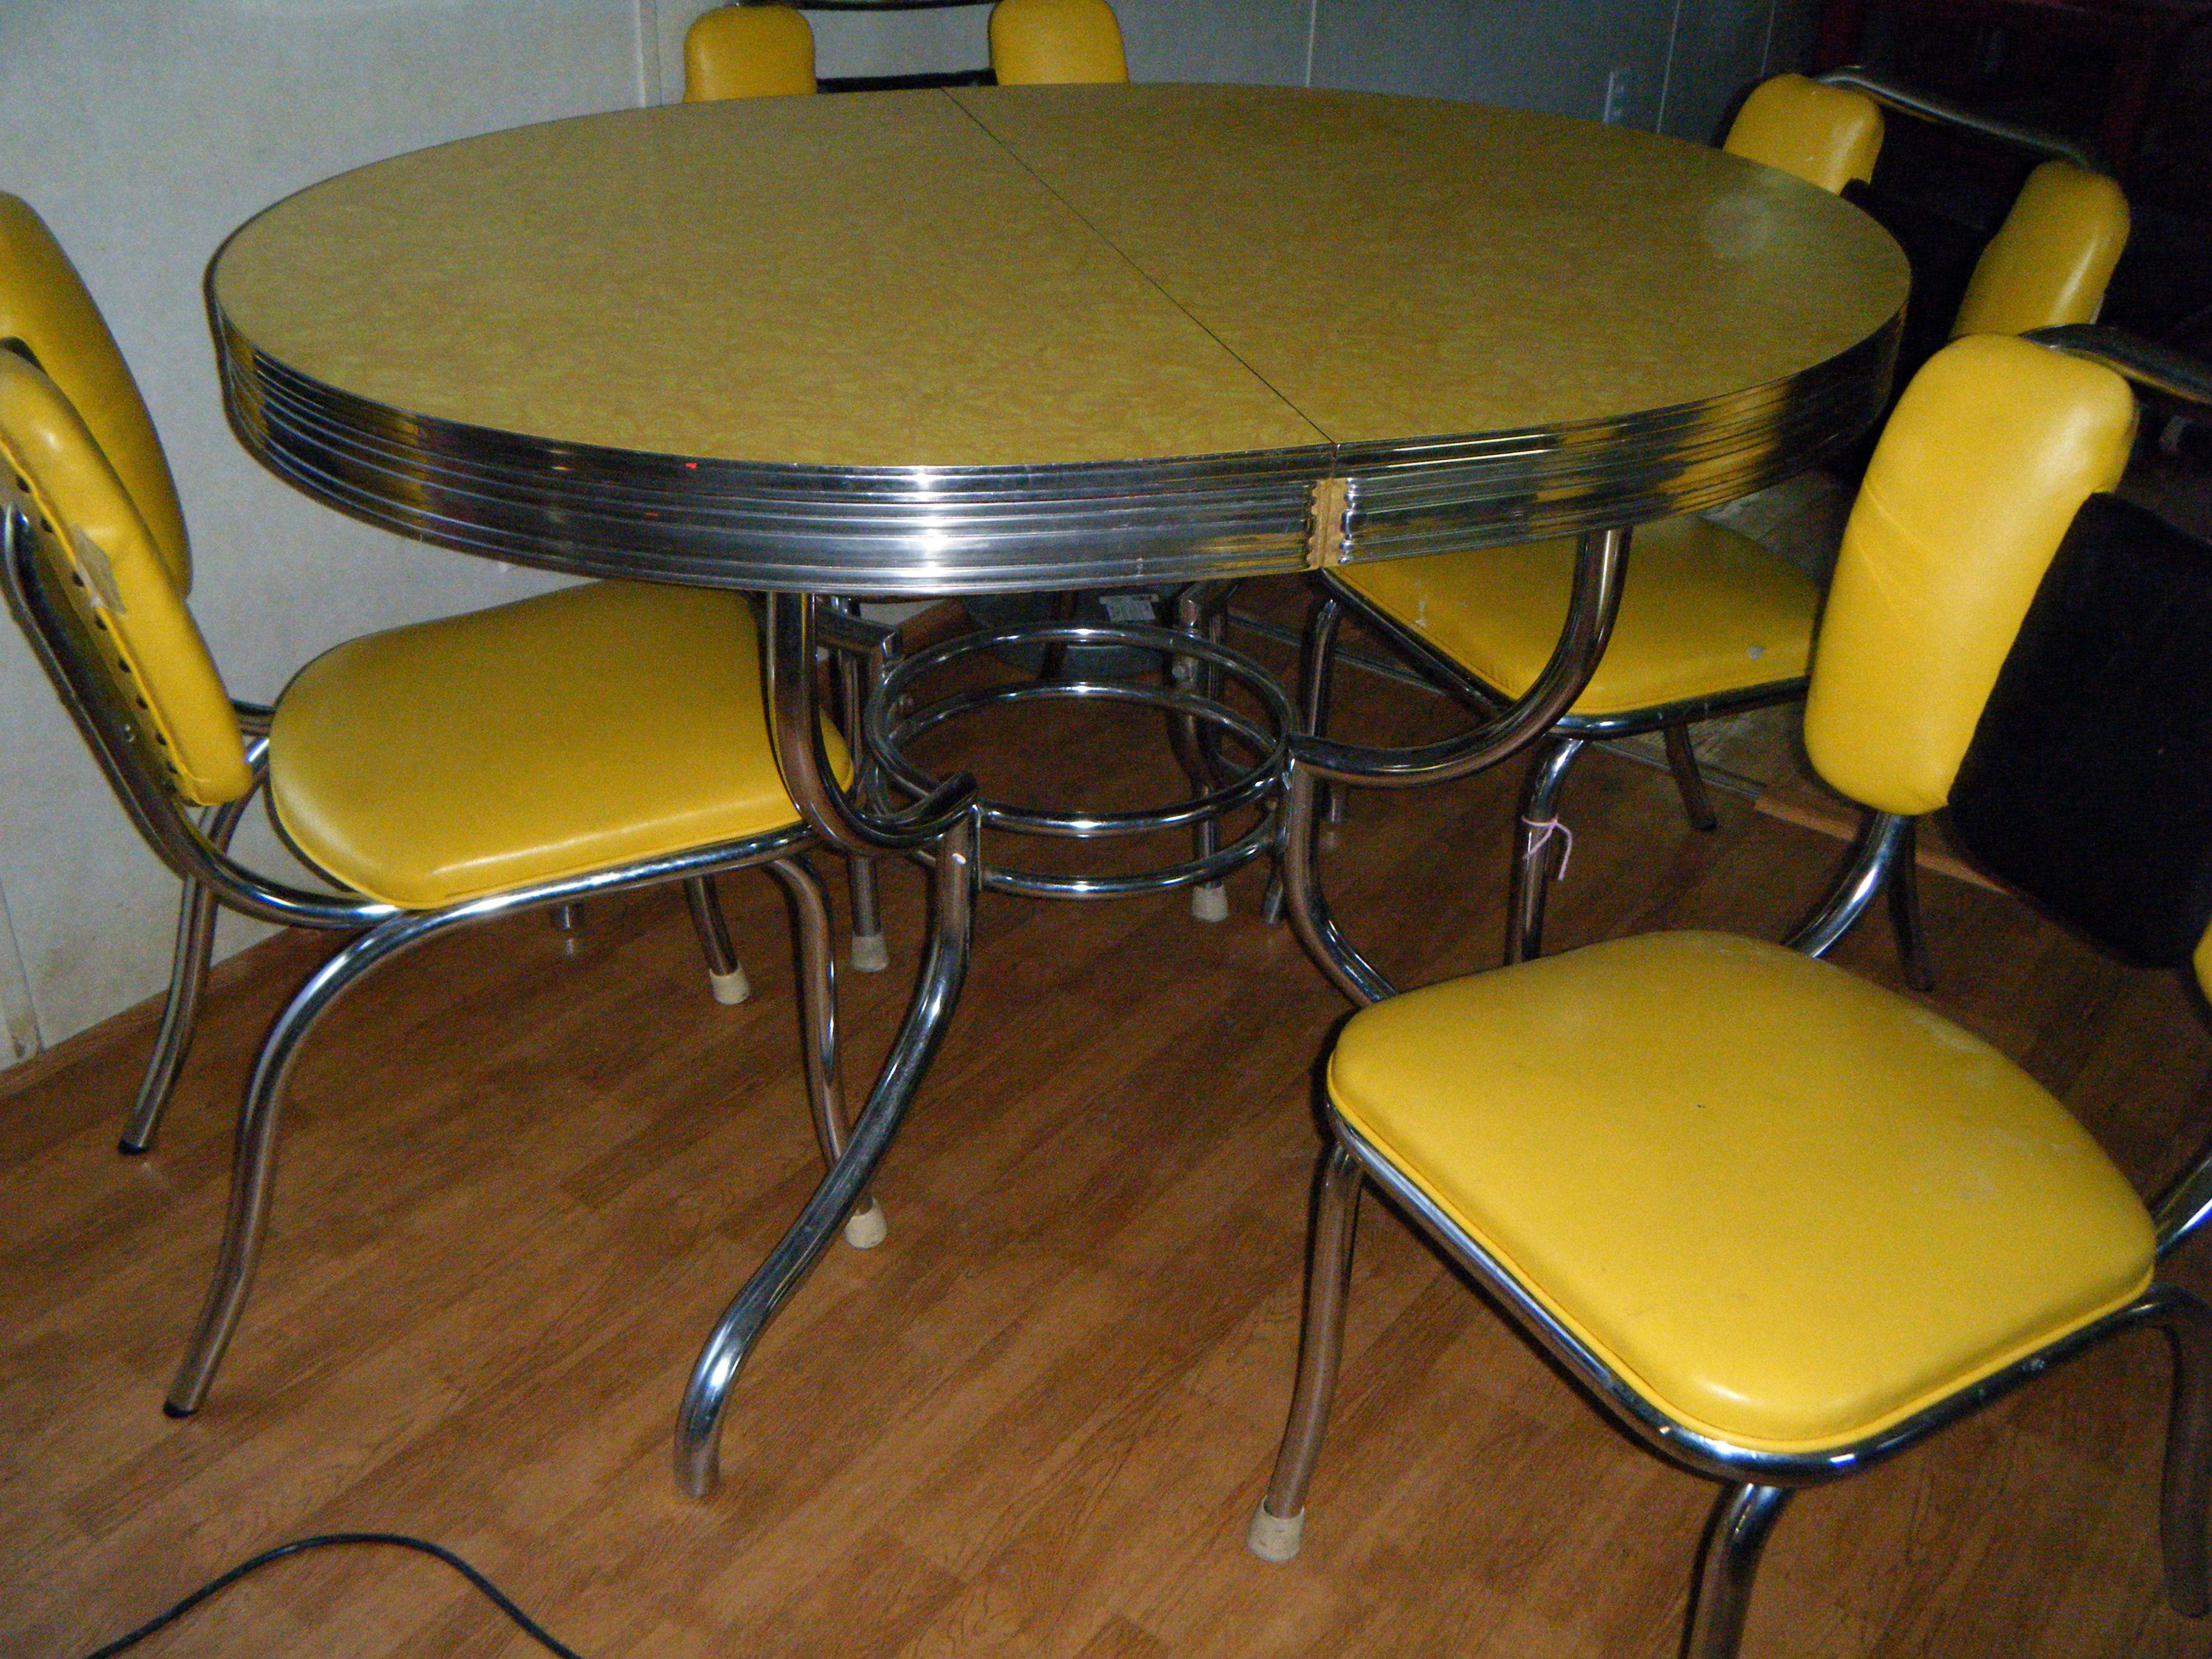 Table Et Chaises Formica Jaune Annees 60 Table Et Chaises Chaise Formica Chaise